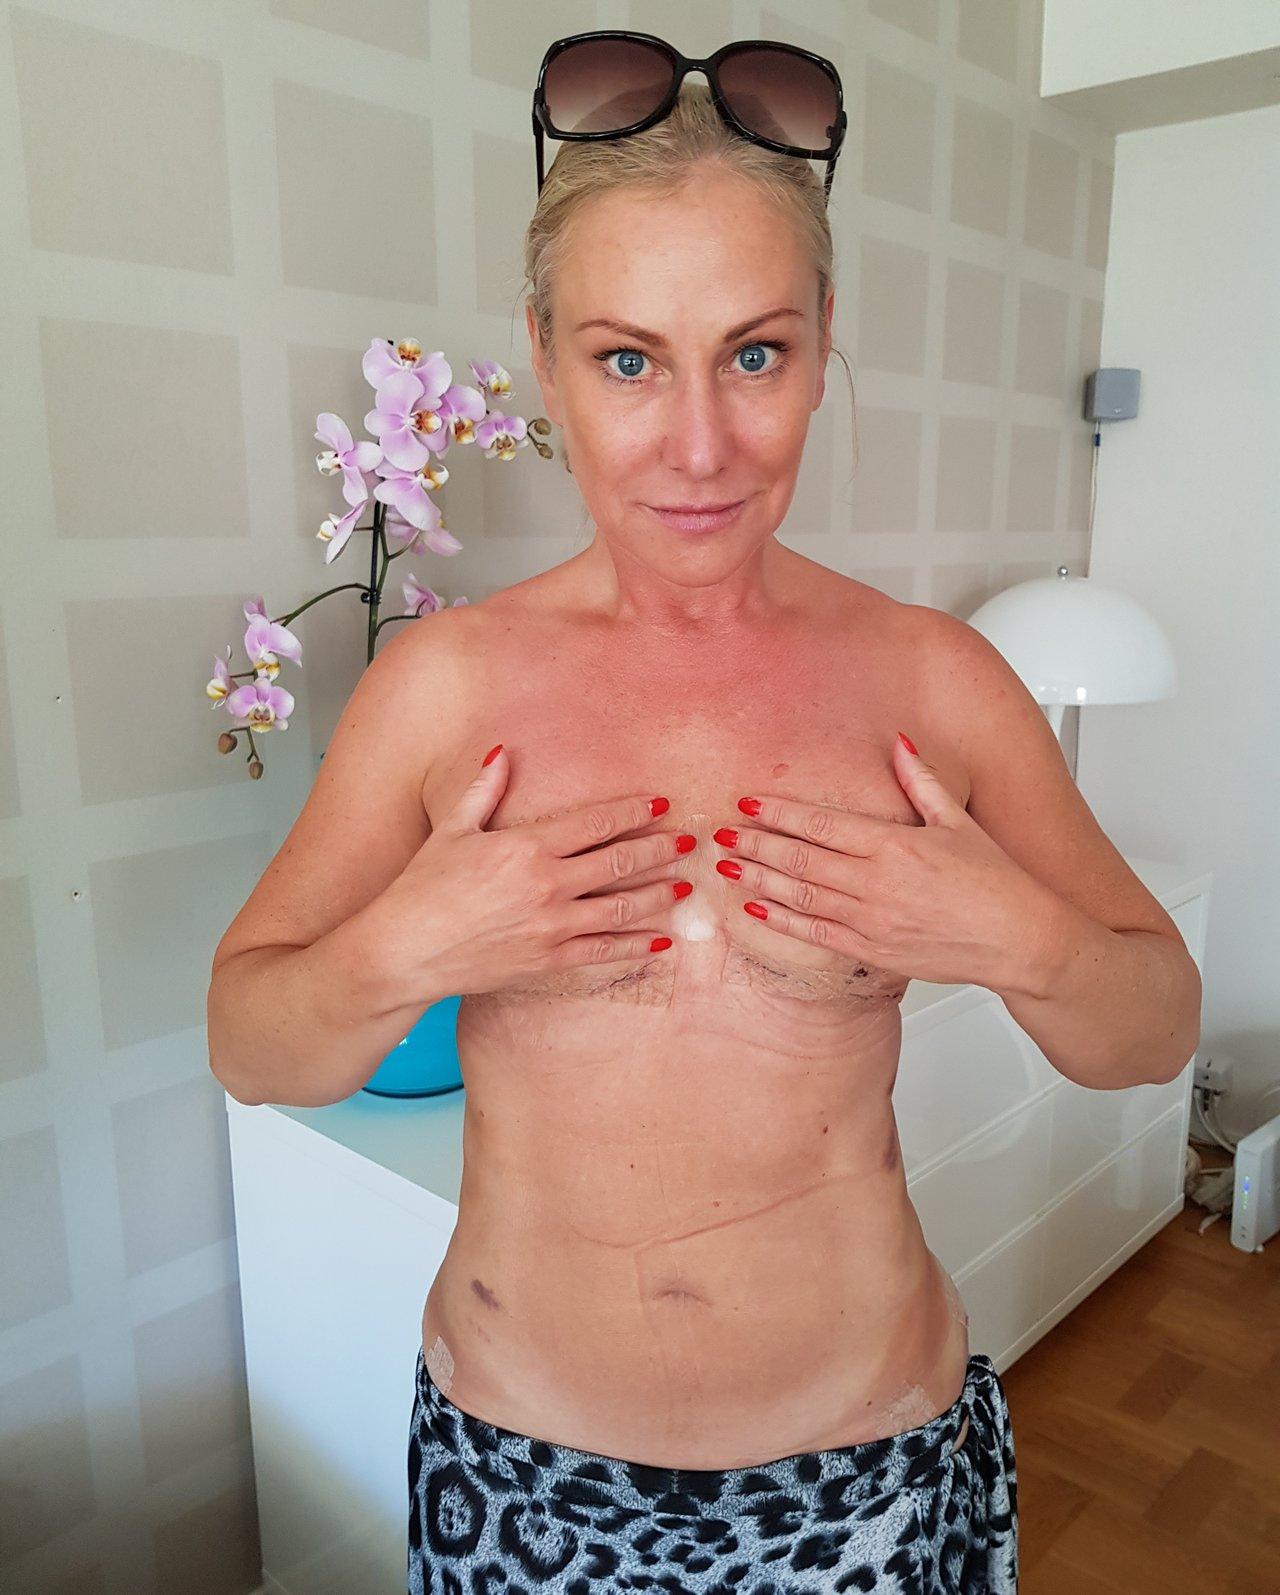 bröstimplantat före efter